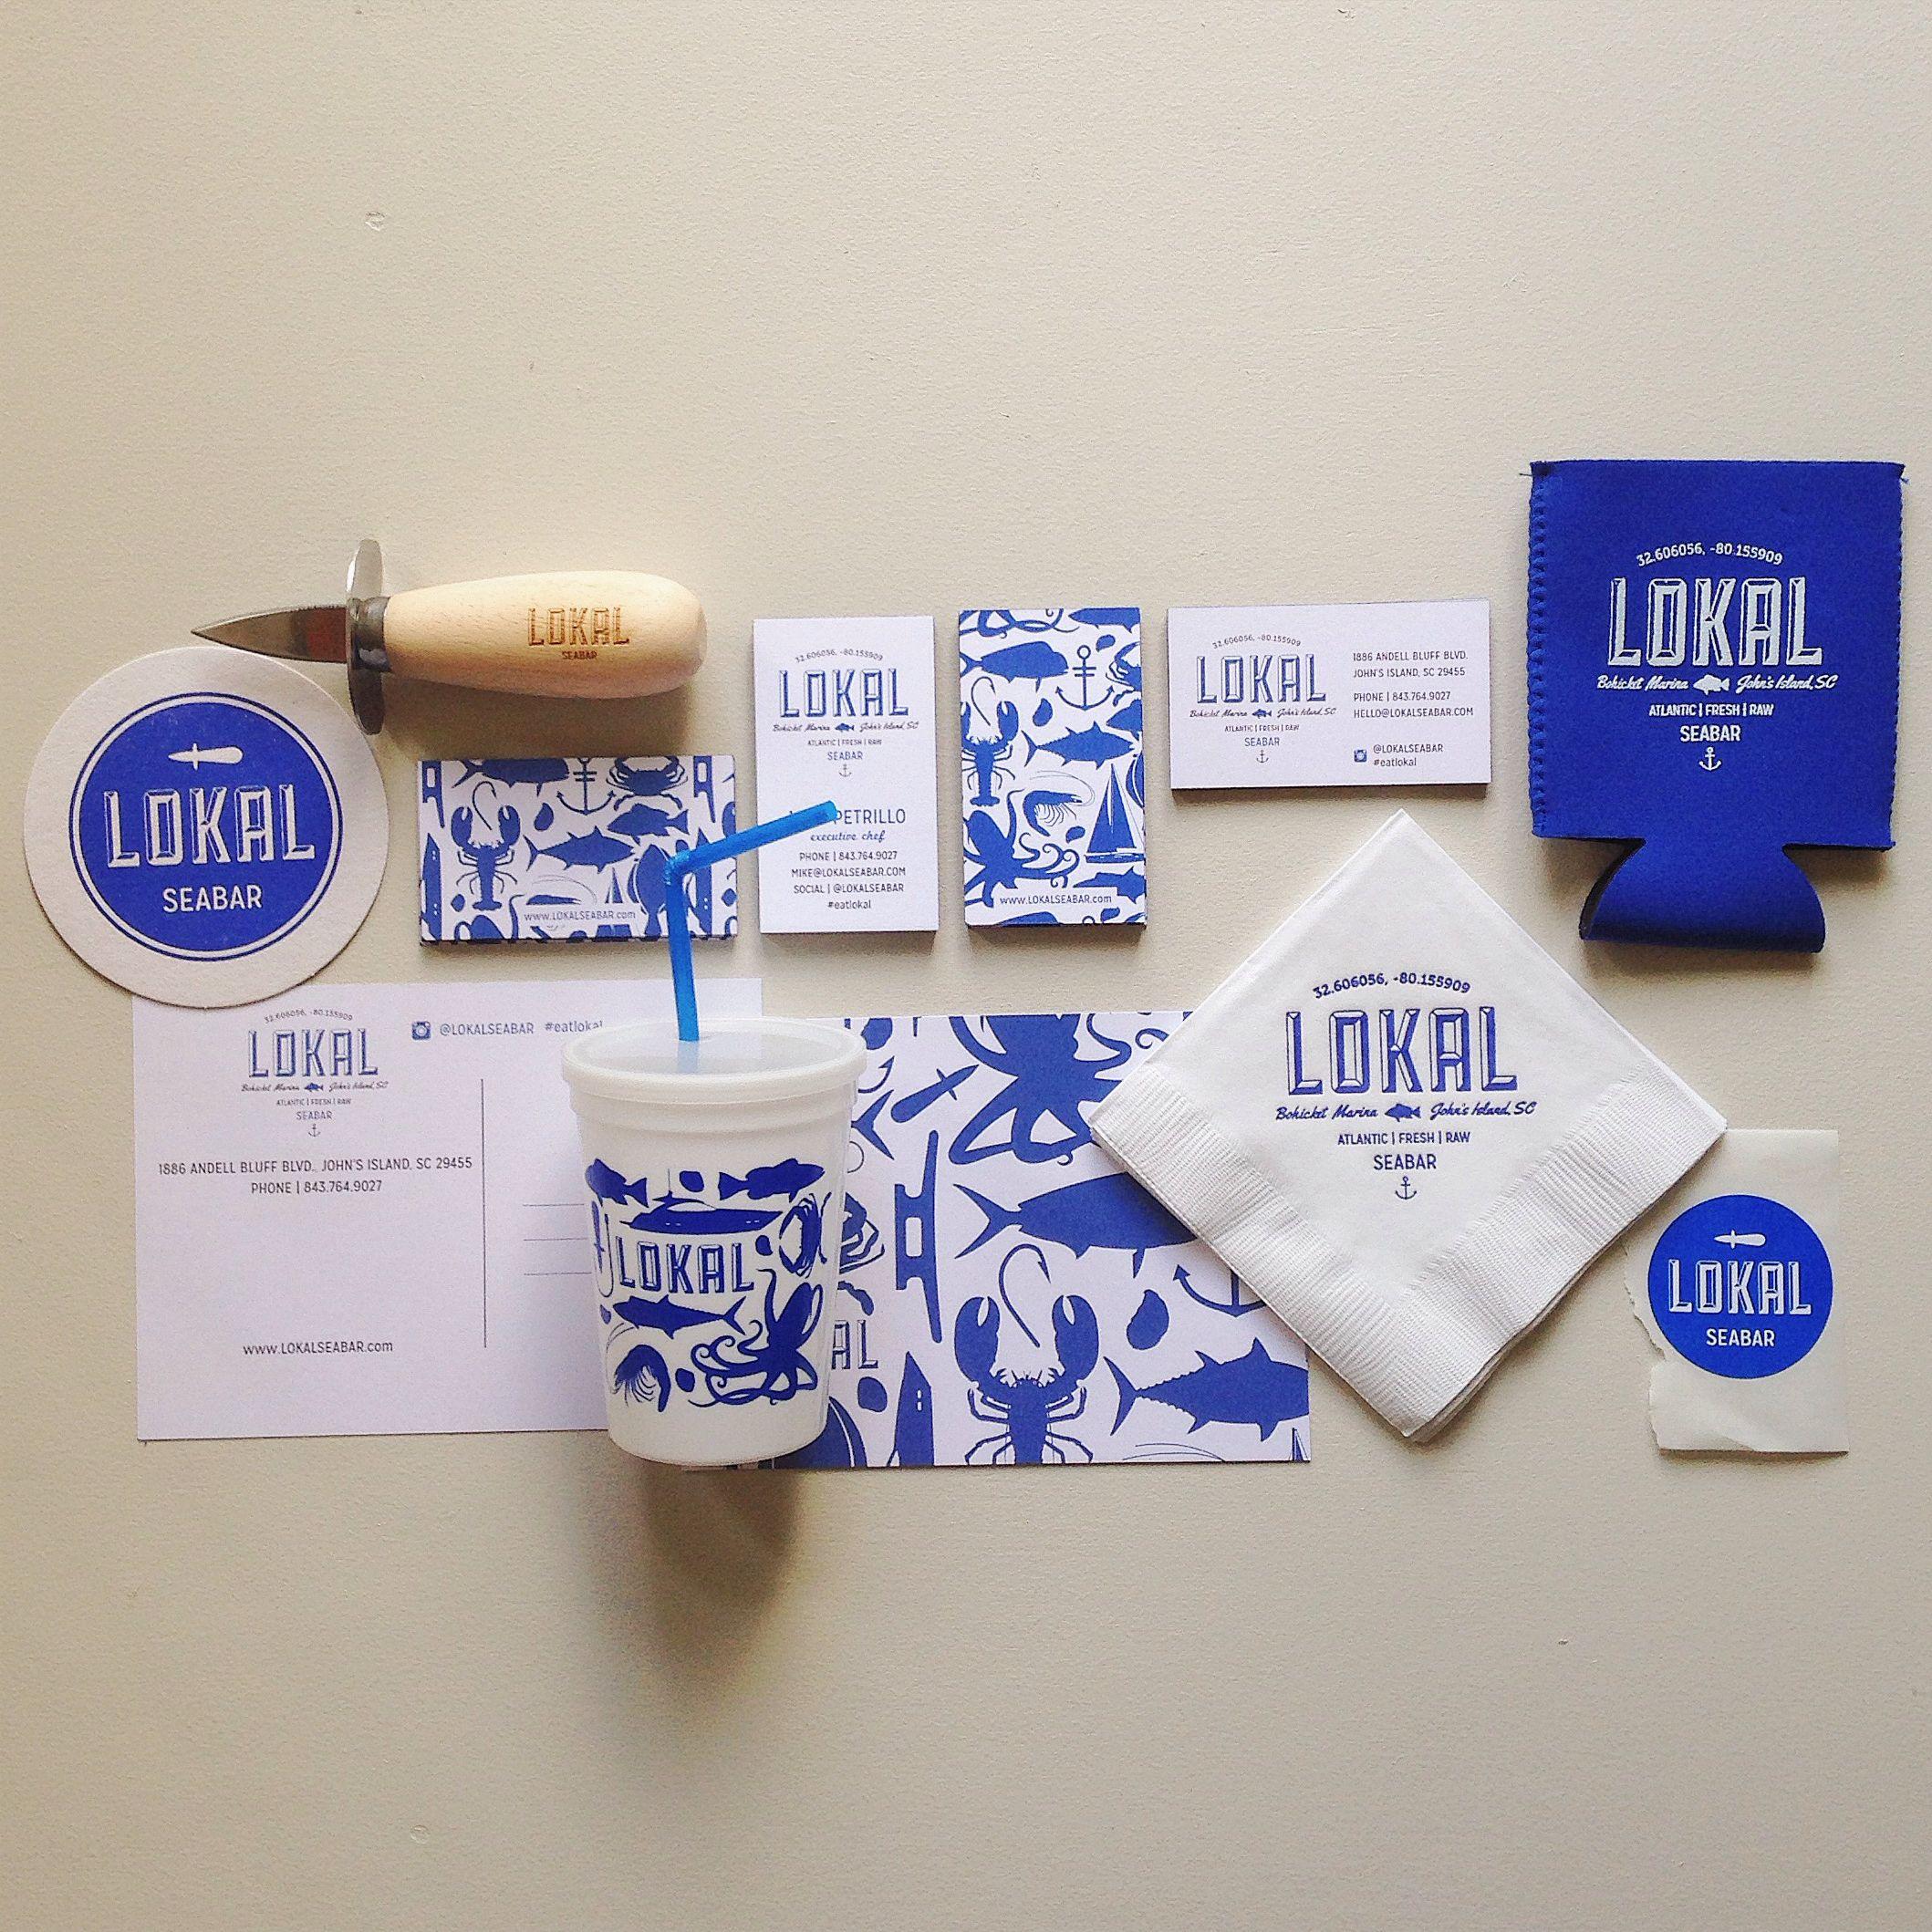 LOKAL Seabar design by Erika Firm